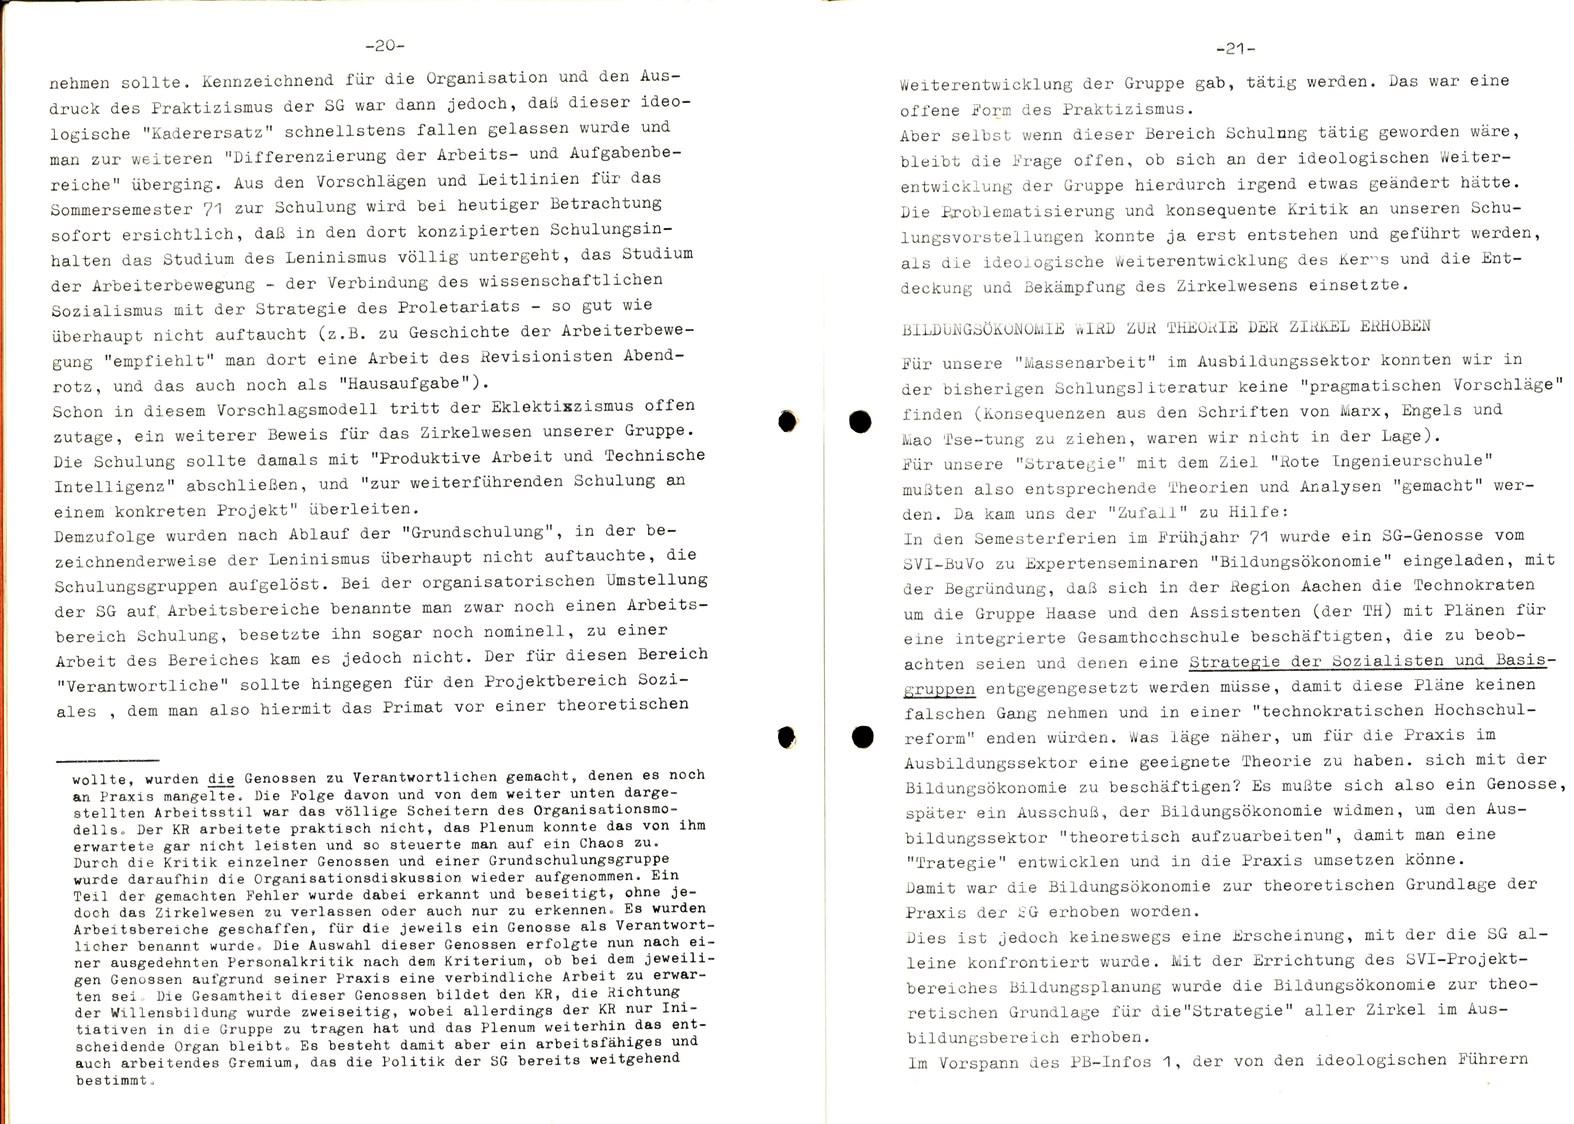 Aachen_KSBML_1971_Selbstkritik_12